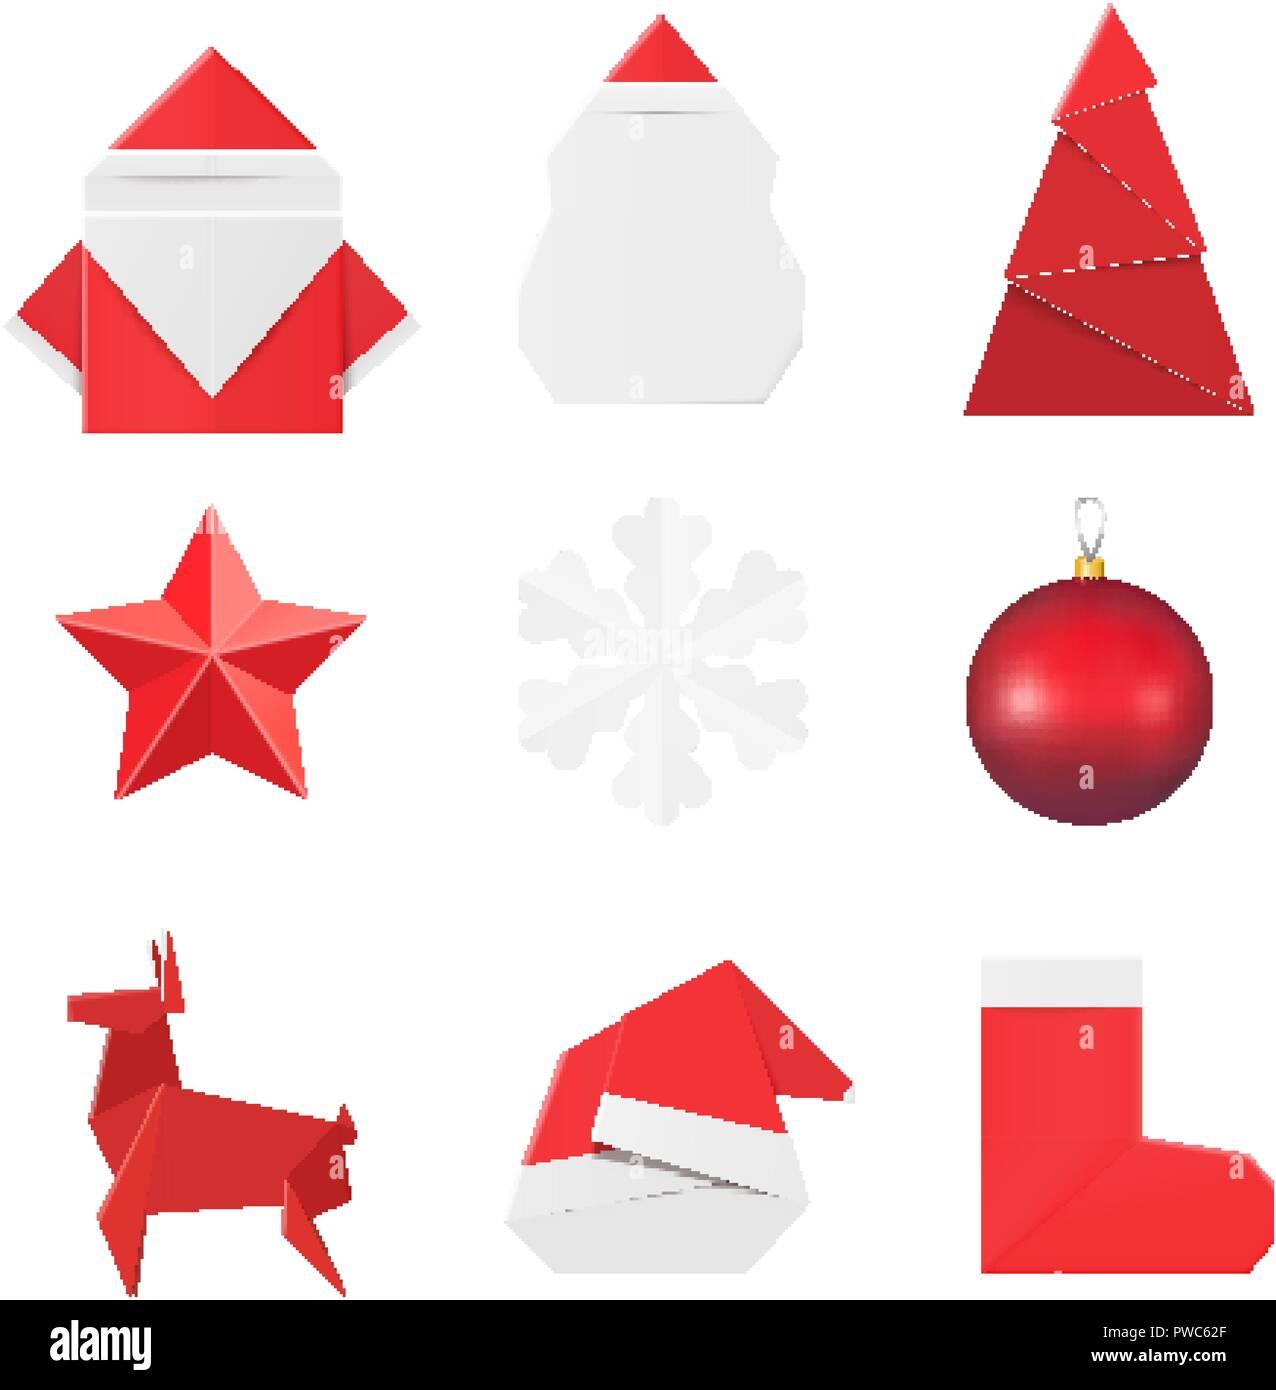 Origami Santa Ornament: Christmas Origami Ornaments And Decorations: Paper Santa